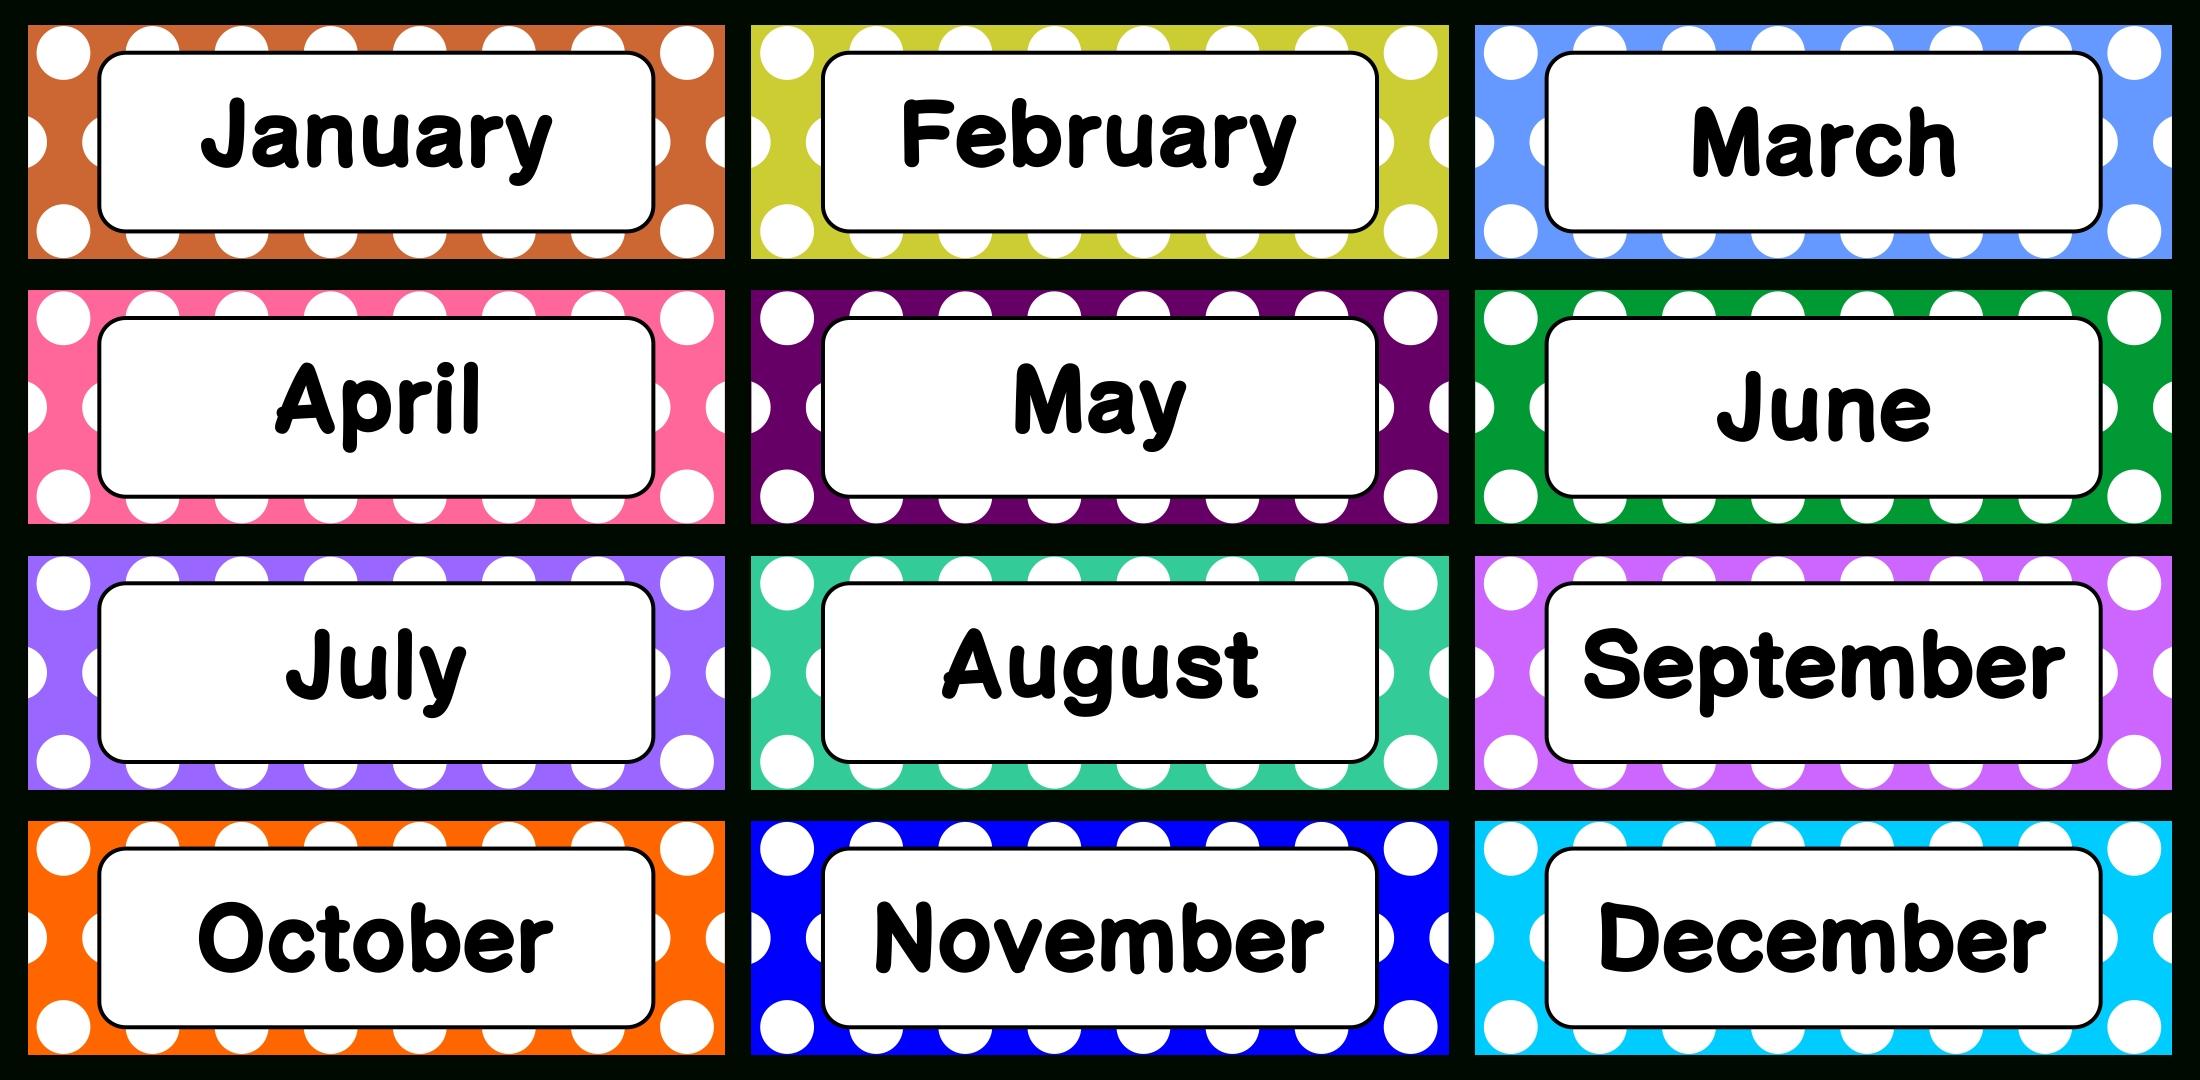 8 Best Printable Calendar Month Labels - Printablee